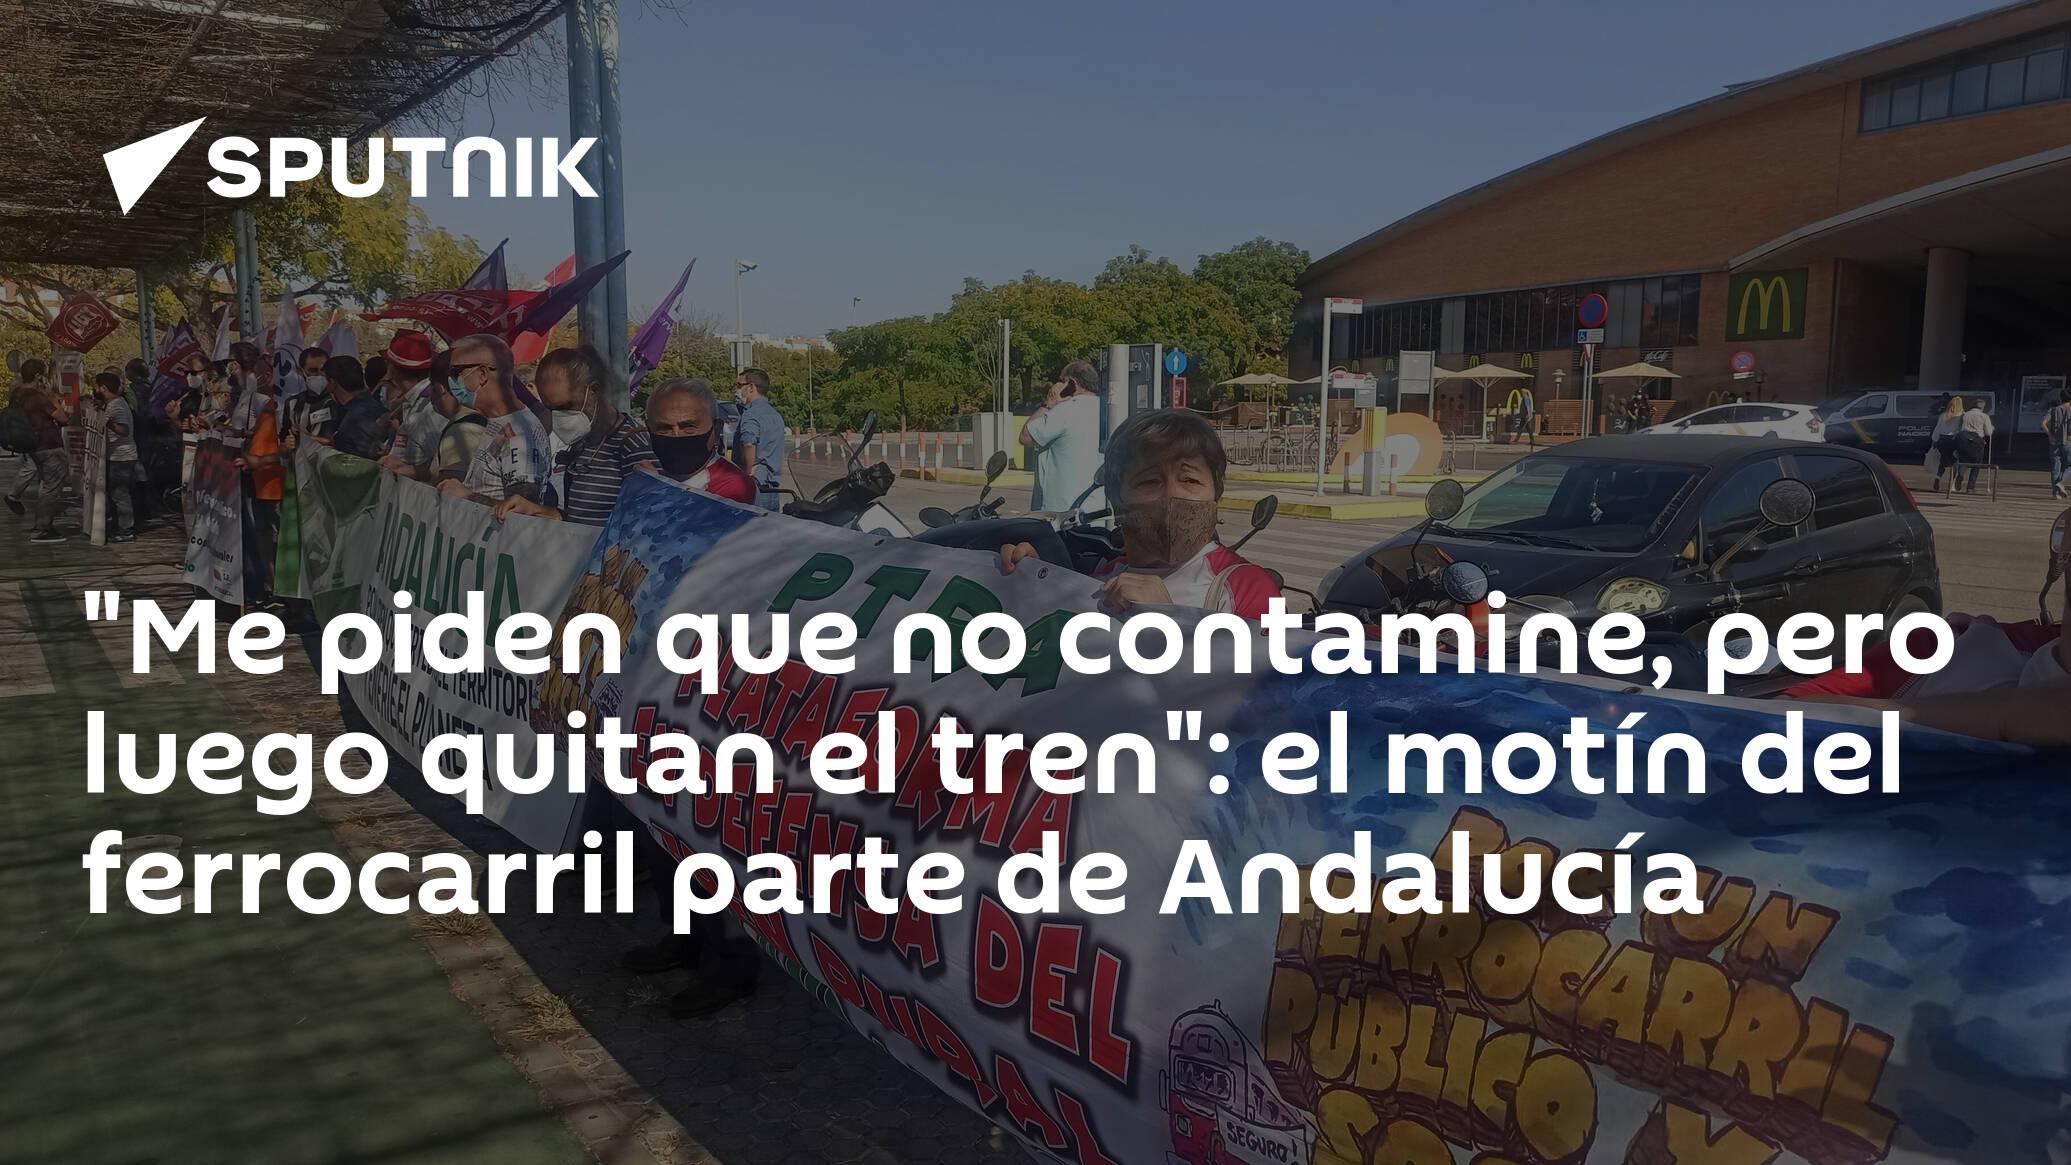 Me piden que no contamine, pero luego quitan el tren : el motín del ferrocarril parte de Andalucía